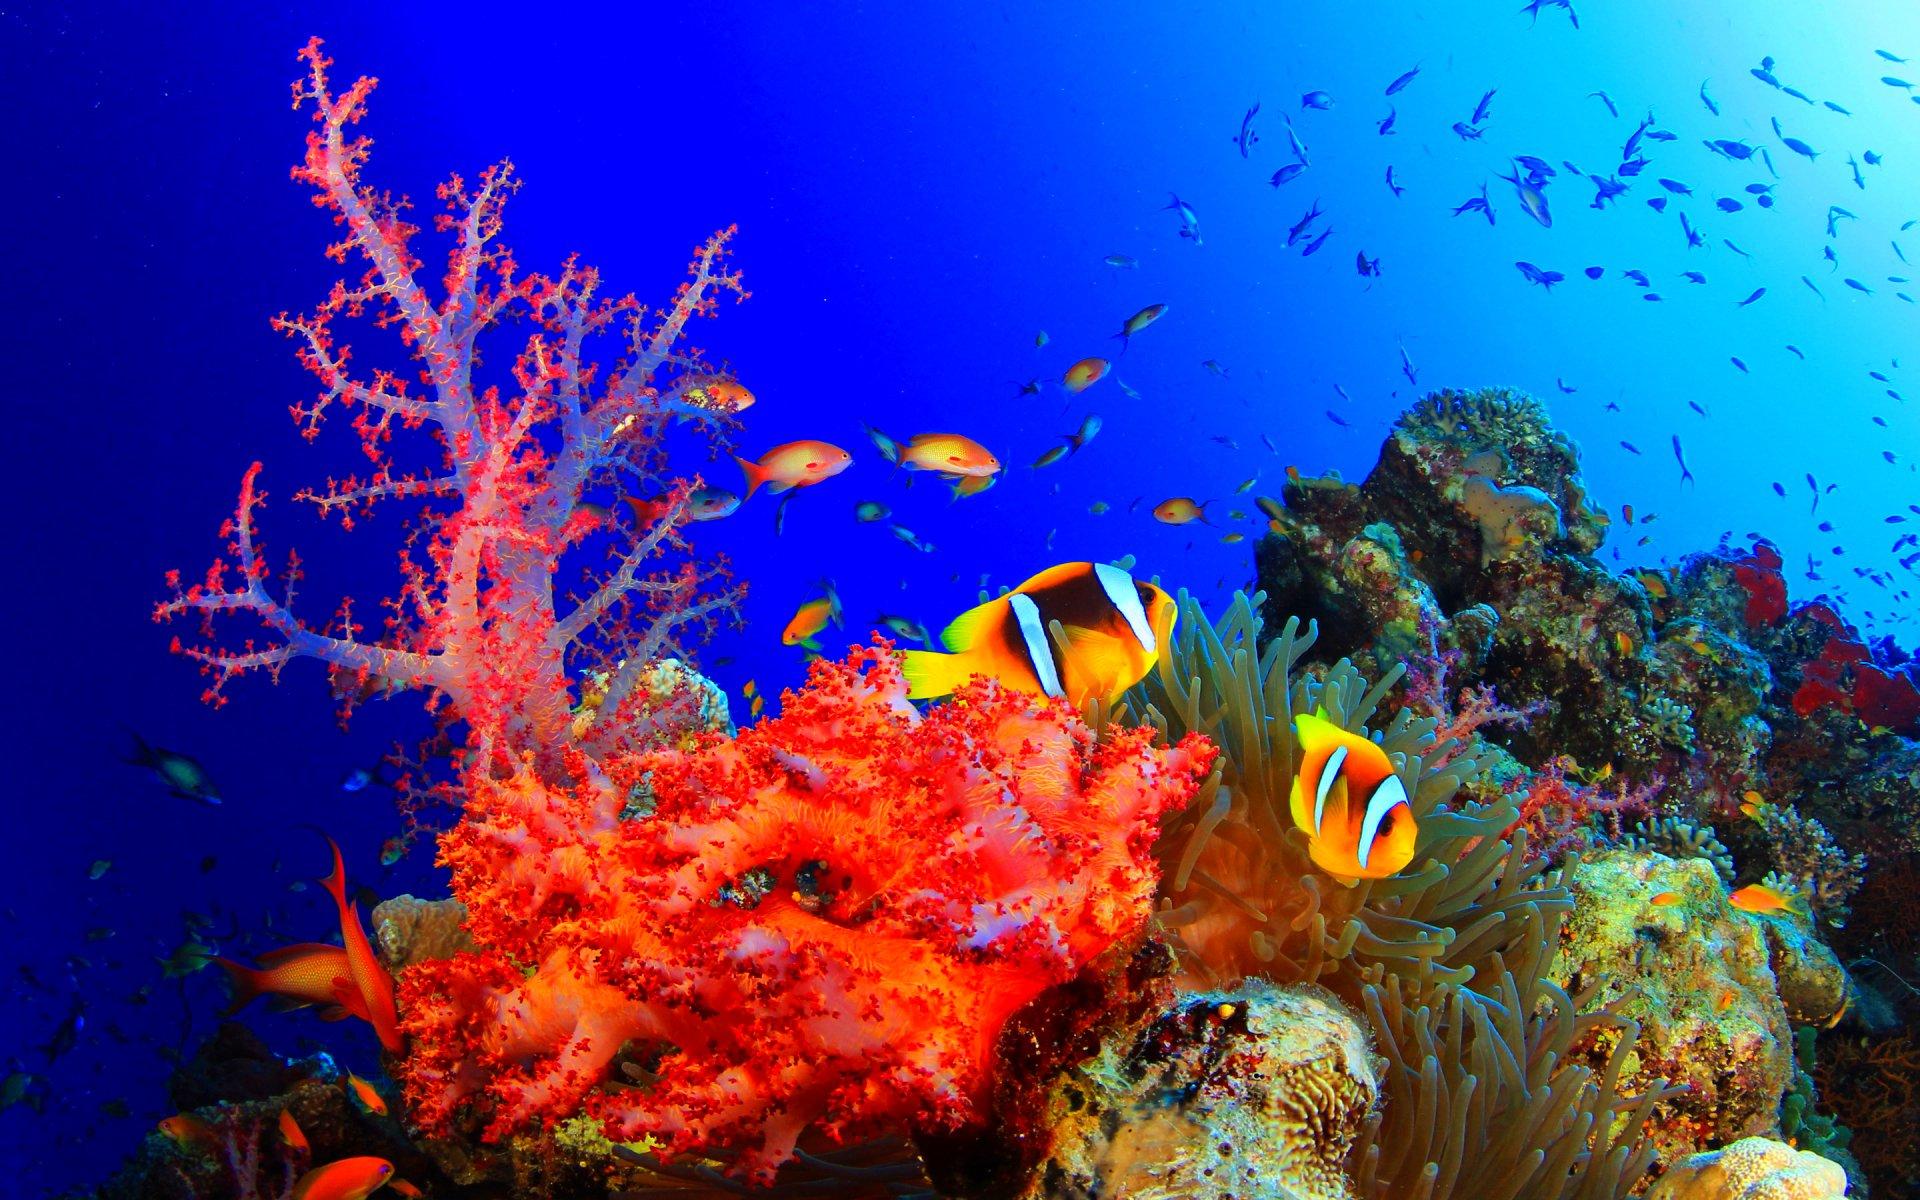 еще подводный мир картинки большого размера используют как для